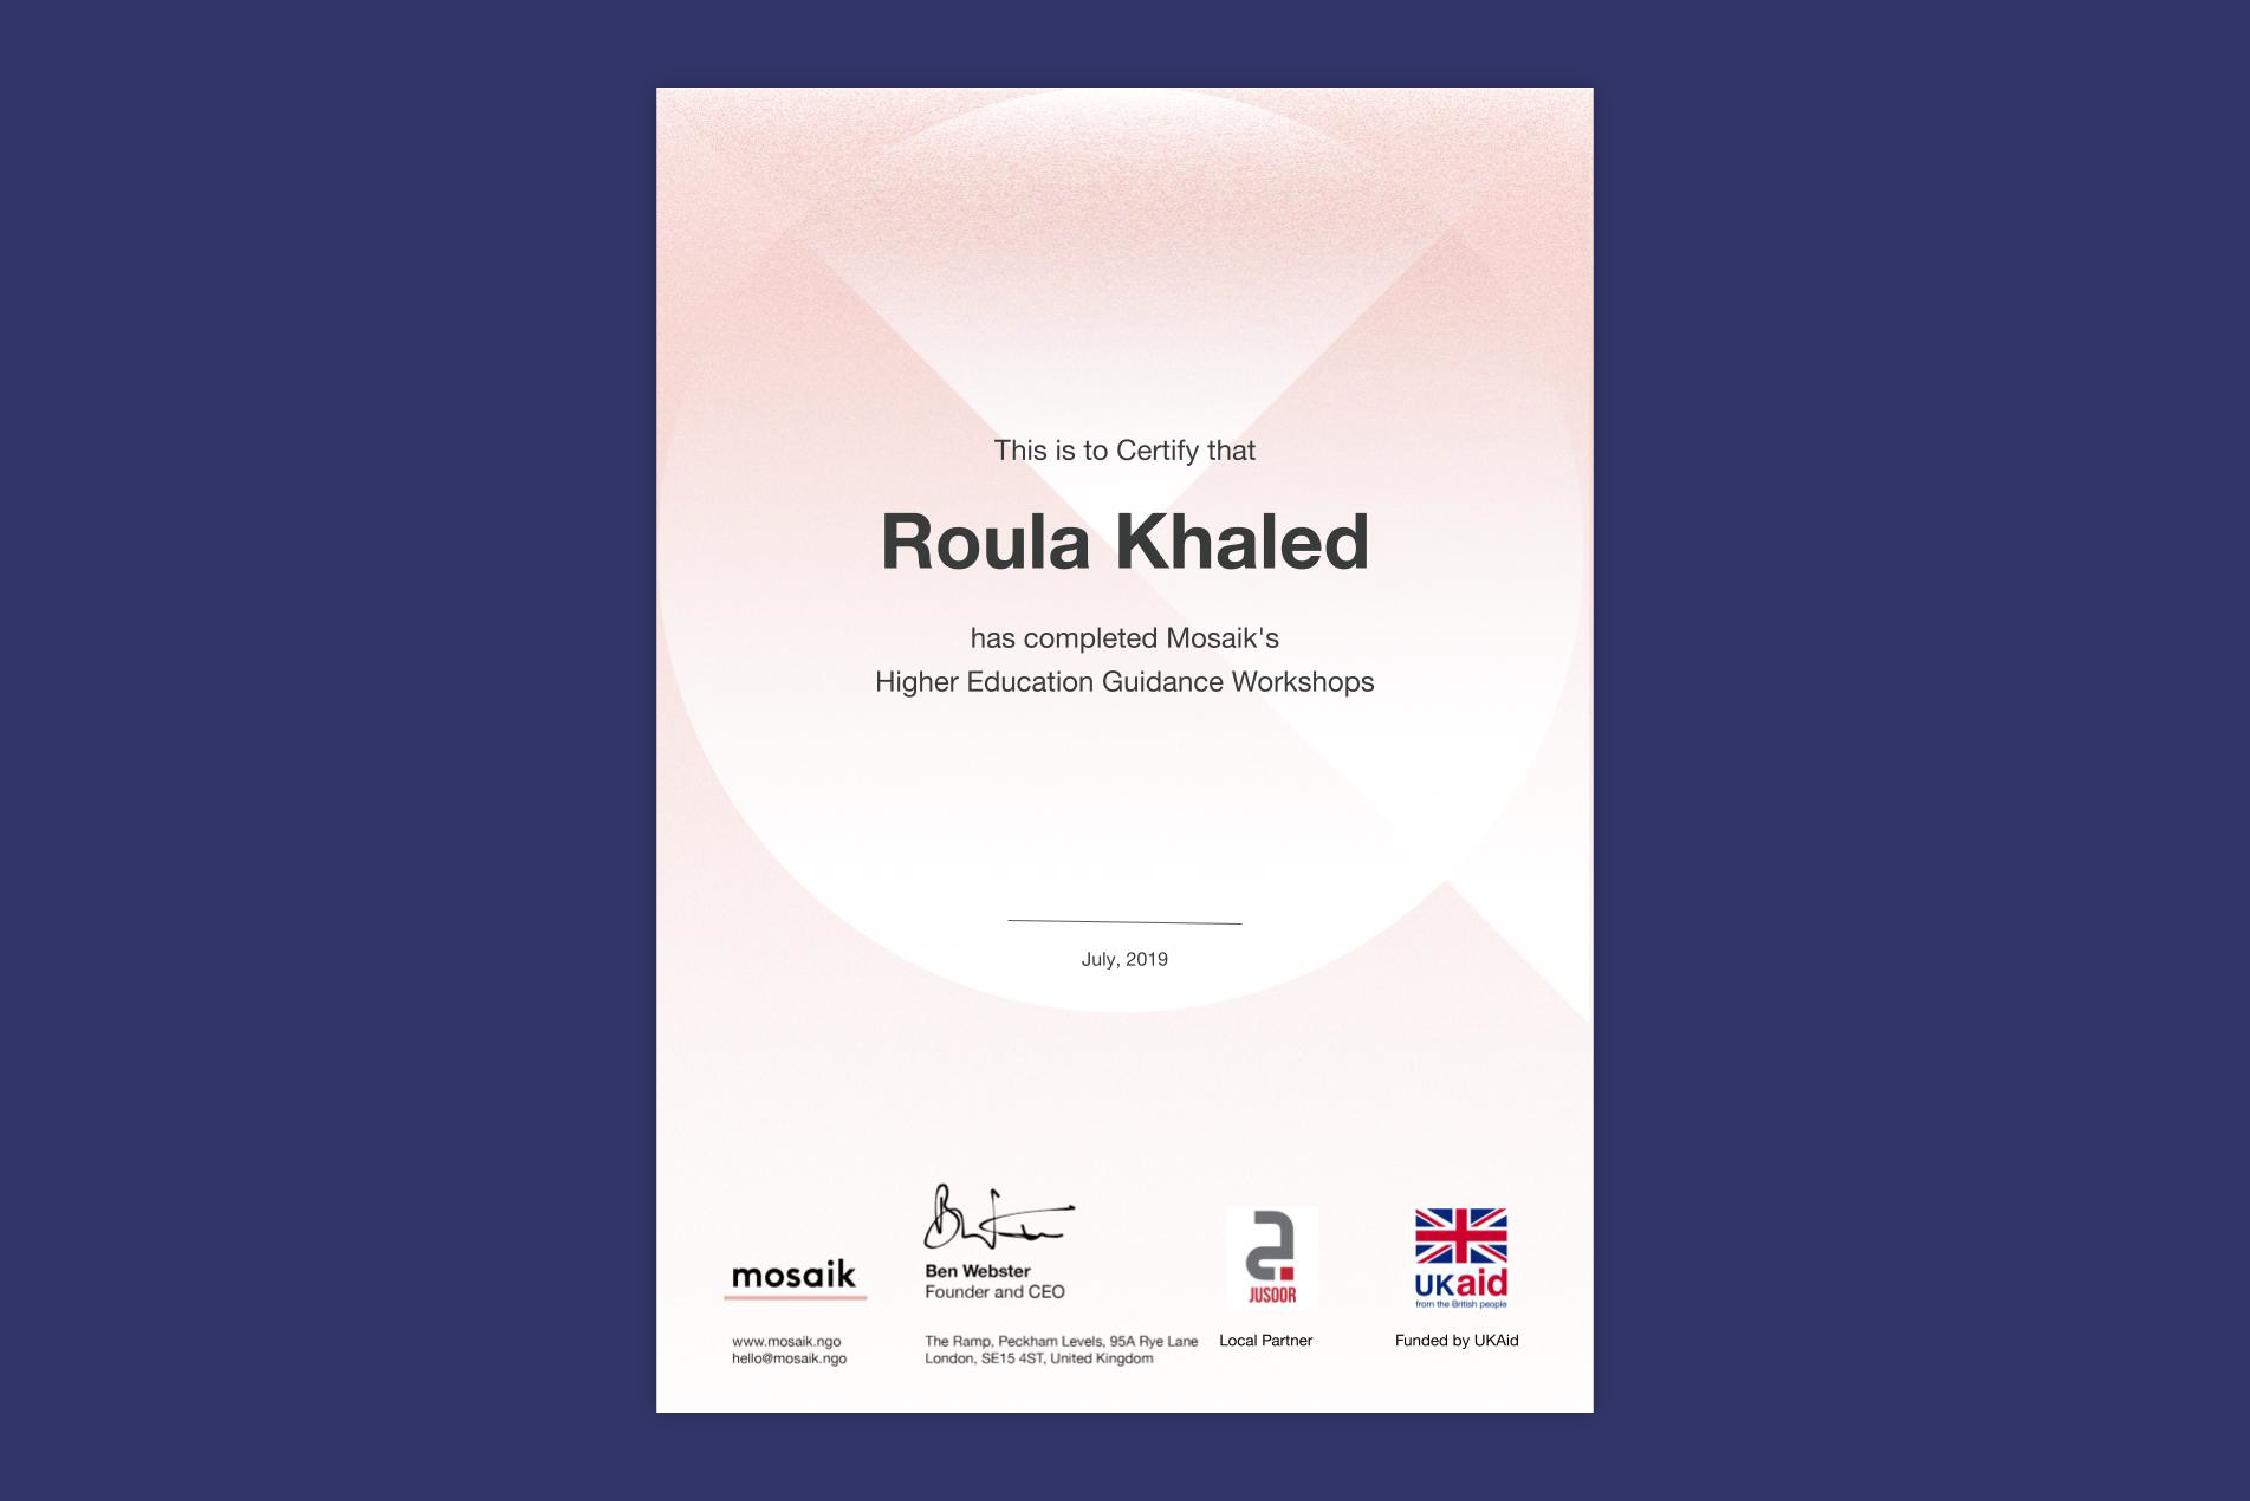 A certificate